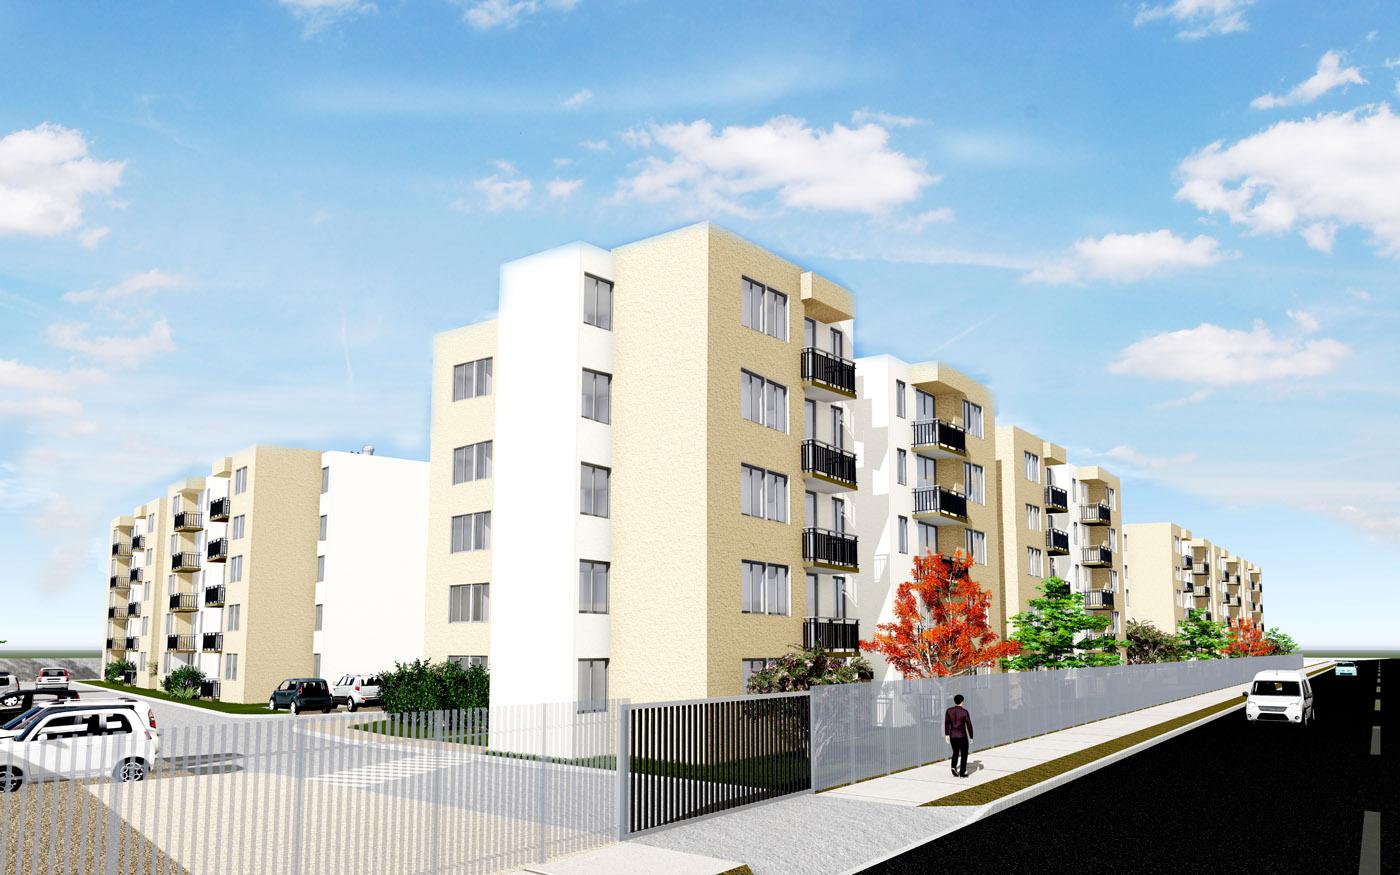 Desarrollo inmobiliario en La Granja - Página 2 PR_FOTO_2749_ssf%2031